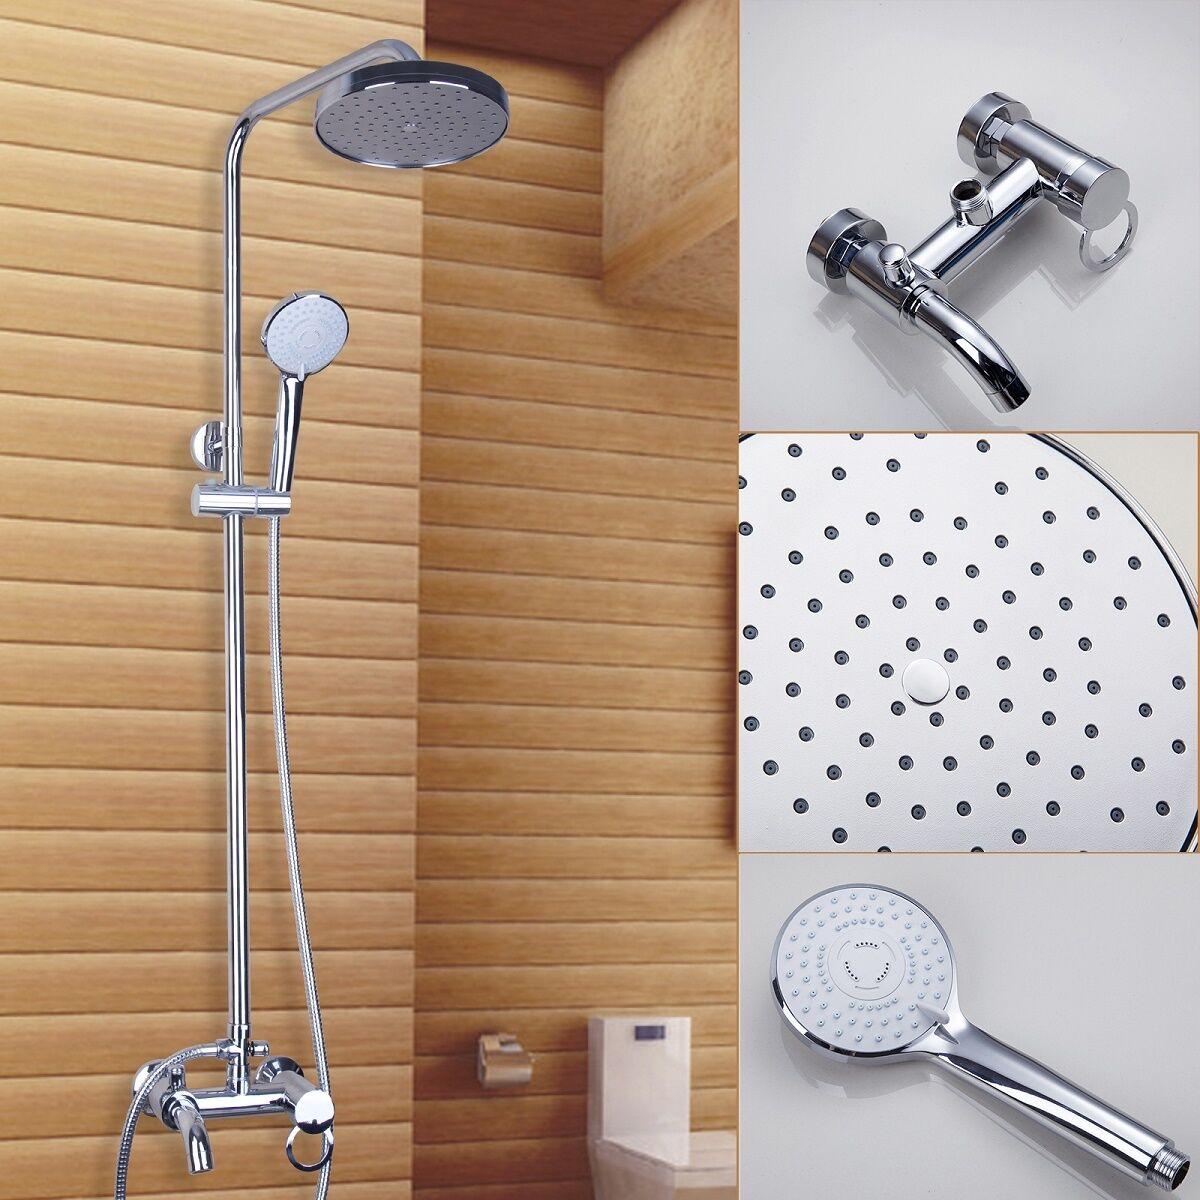 DK 8  douche robinet Set chrome laiton mural baignoire Spary Mitigeur Unité